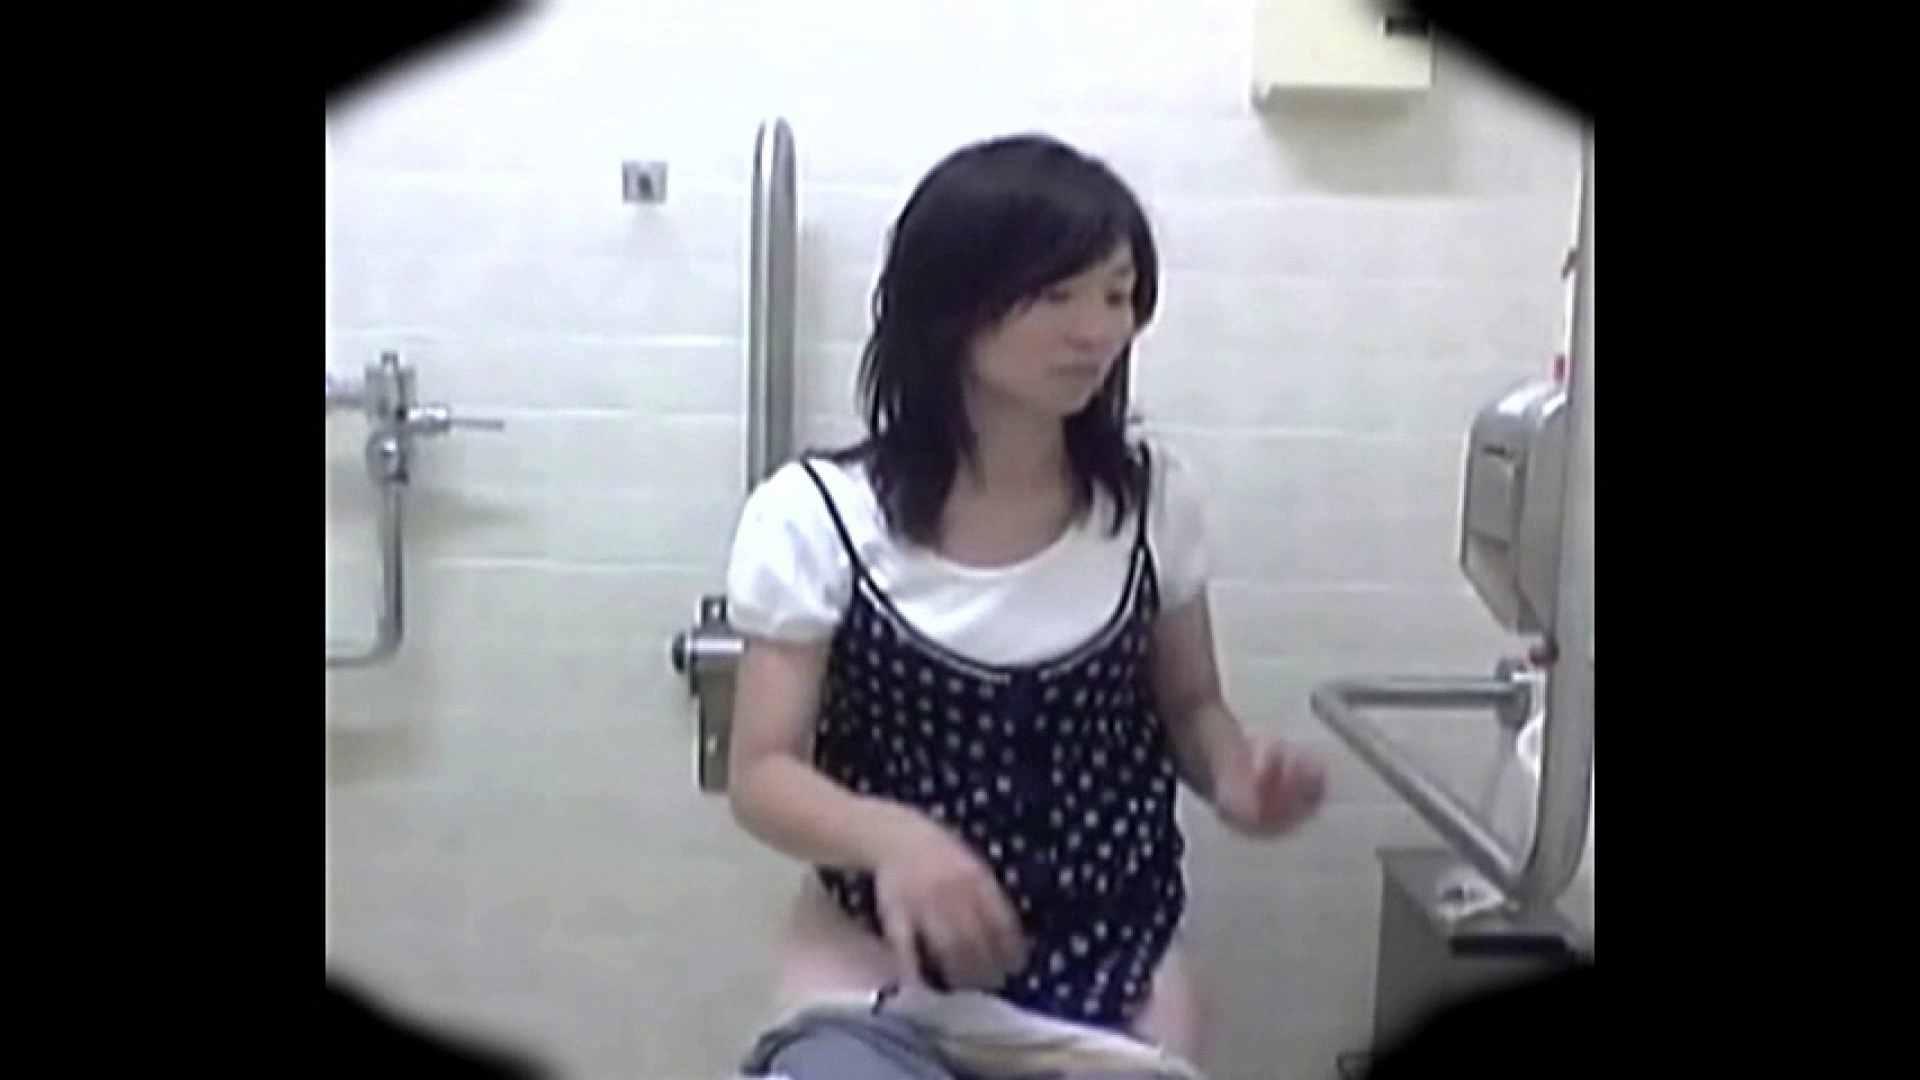 teen galトイレ覗き紙がナイ編‼vol.03 美しいOLの裸体 AV動画キャプチャ 83pic 38